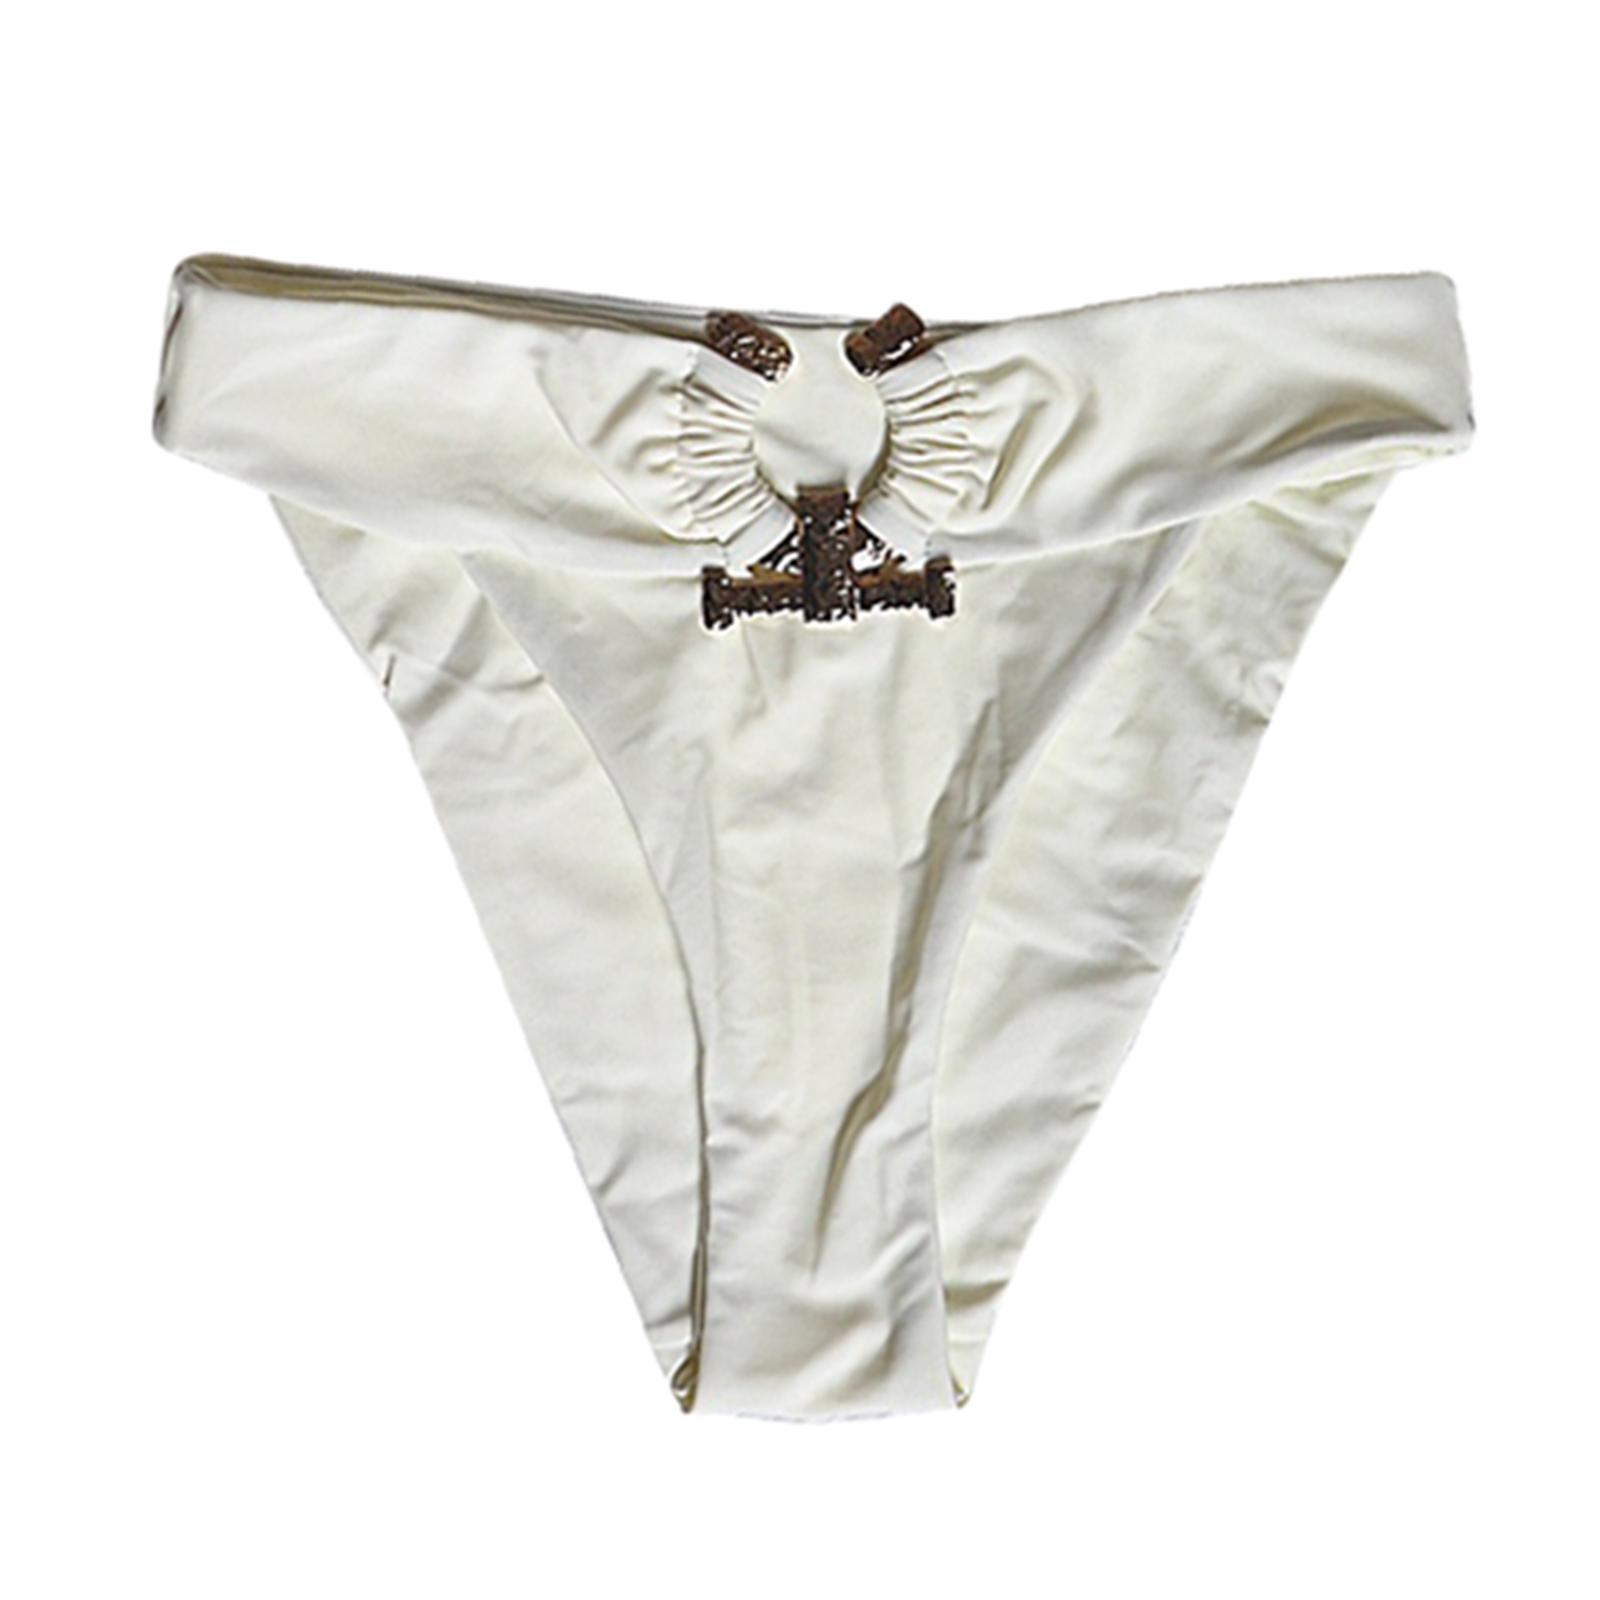 Indexbild 28 - Zwei Stücke Bikini Set Strappy Bademode Party Badeanzug Tankini Bademode